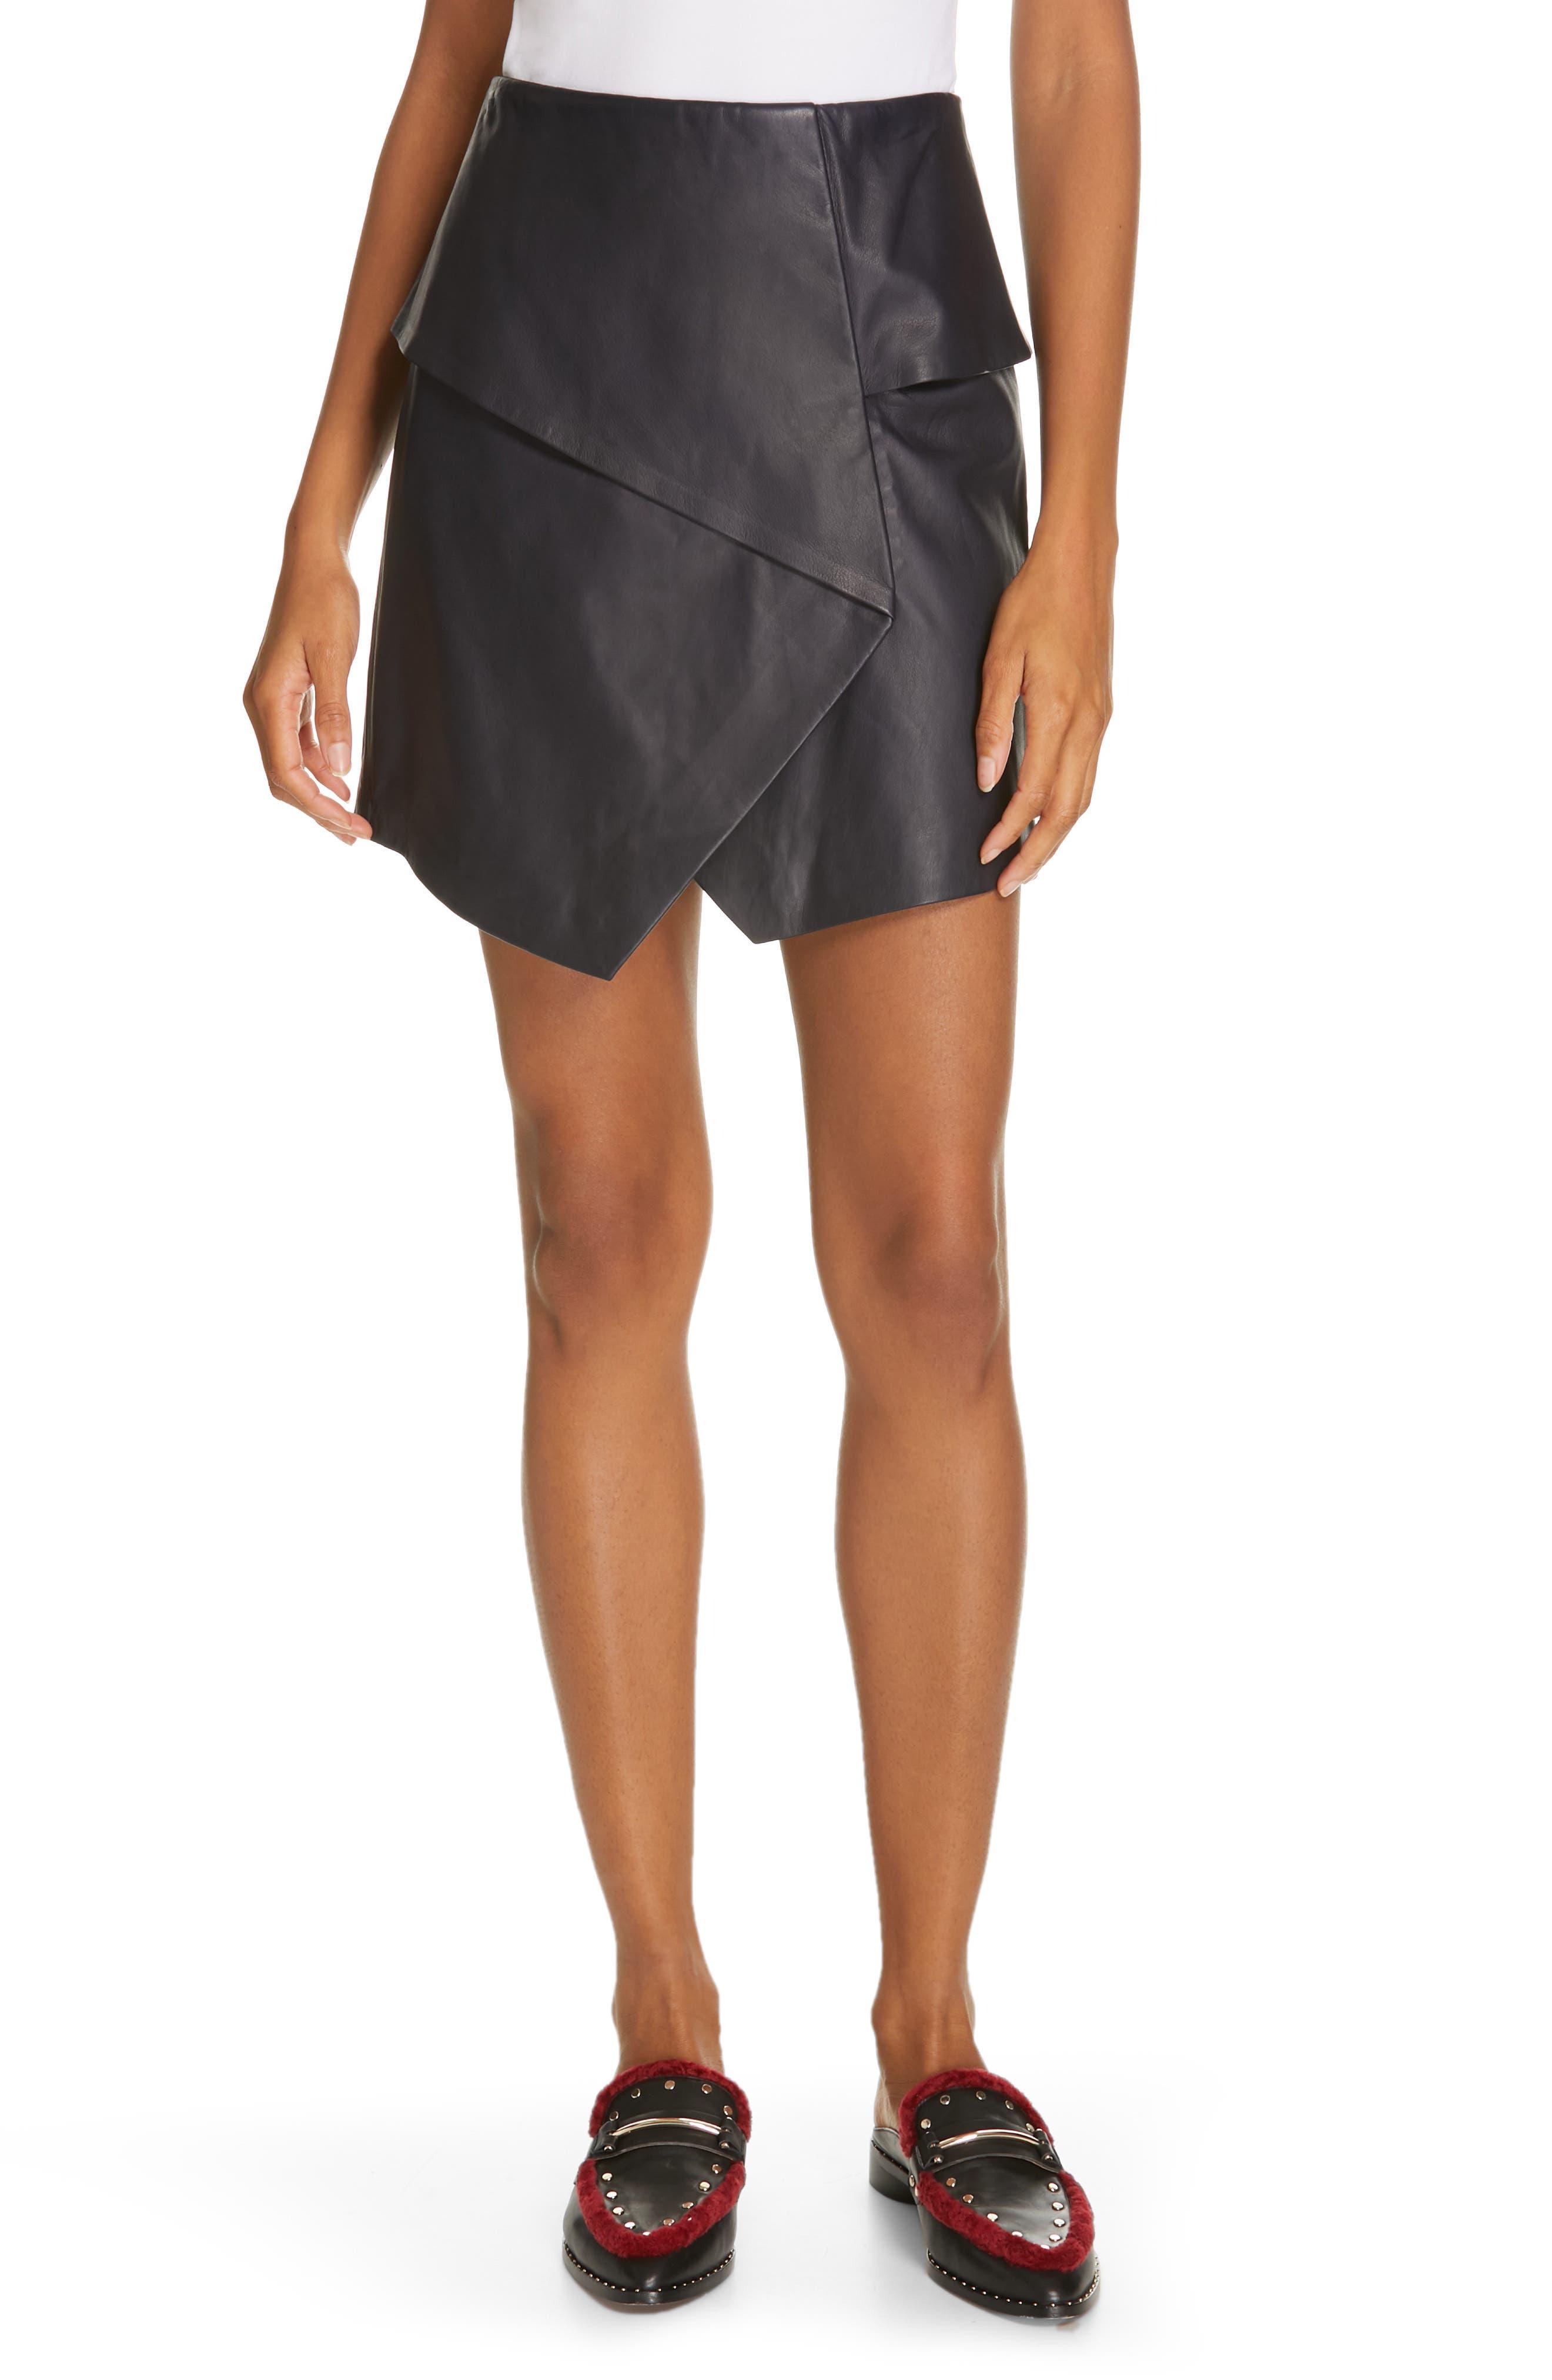 JOIE Akirako Leather Miniskirt, Main, color, MIDNIGHT